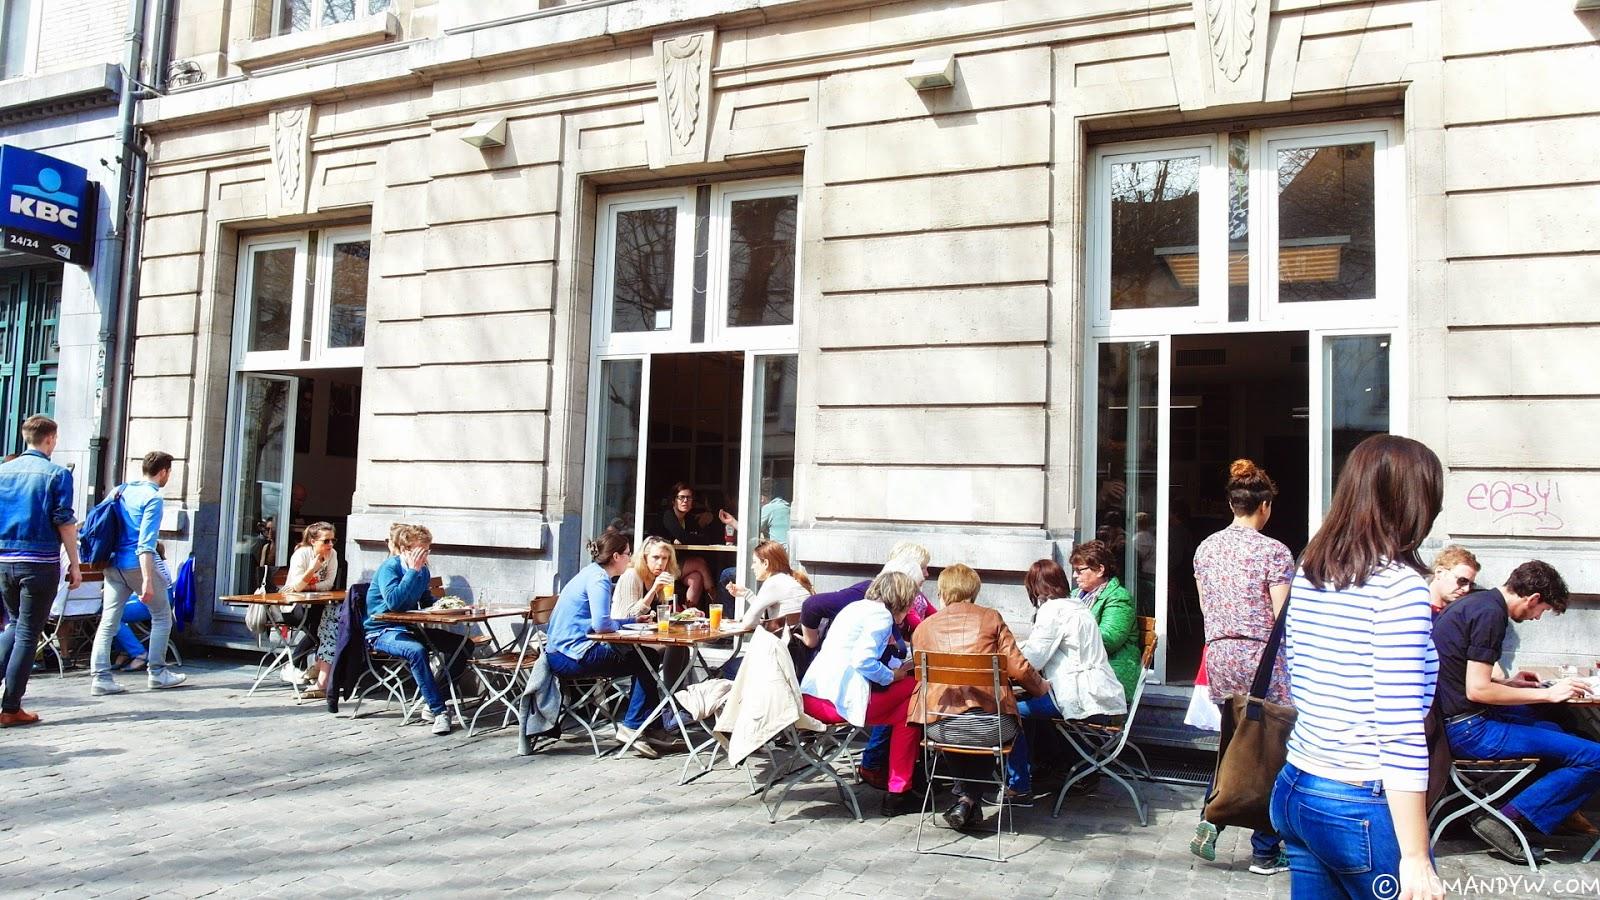 【比利時】輕食早餐店 - Cafe de Markten